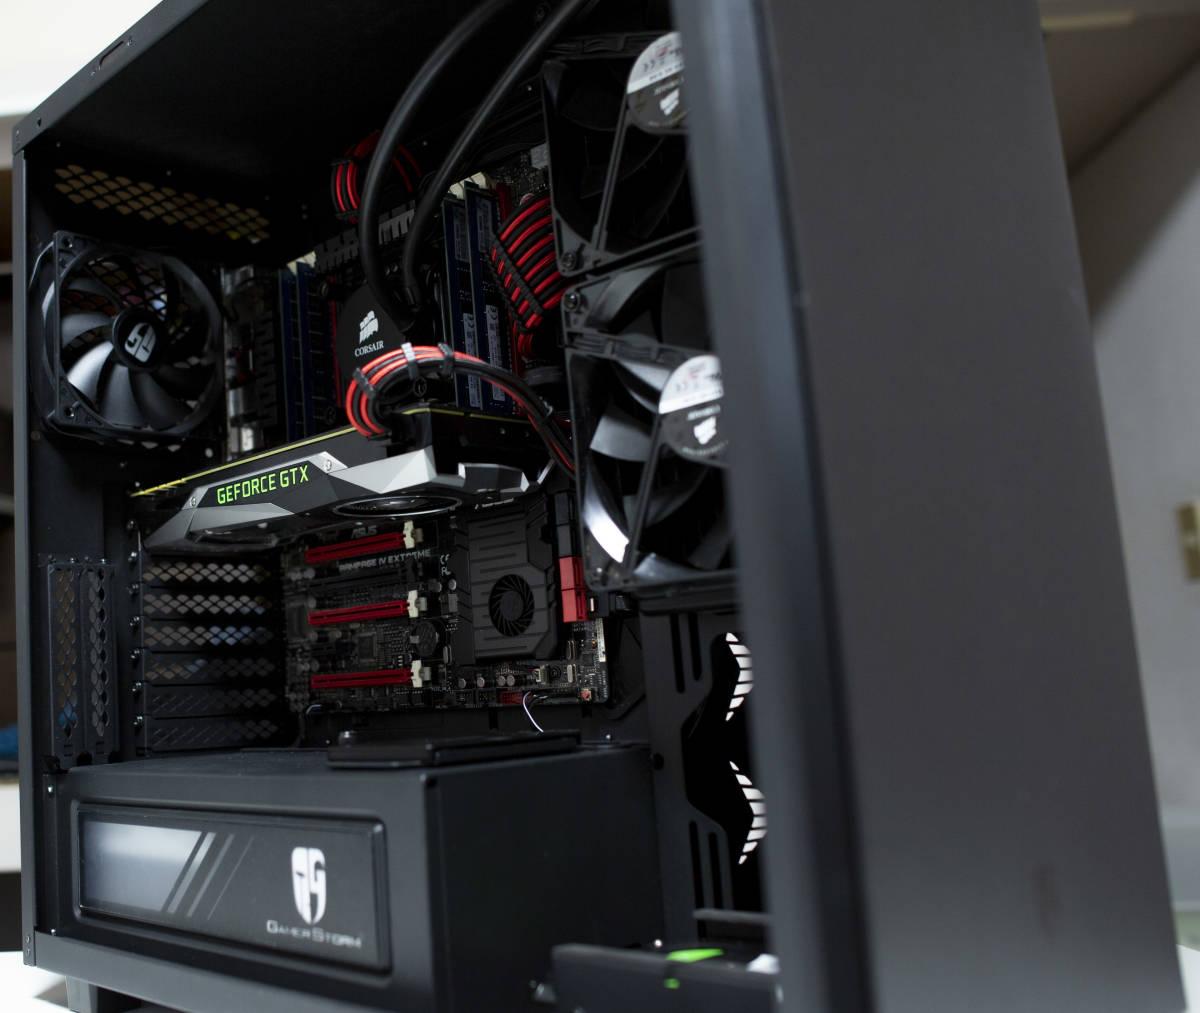 ゲーミングPC/Intel Core i7-4930K 12スレッド x79@4.6Ghz /Rampage IV Extreme/GTX 1080 FE/メモリ 32GB ecc/SSD 500GB+ 4TB HDD/750W_画像2